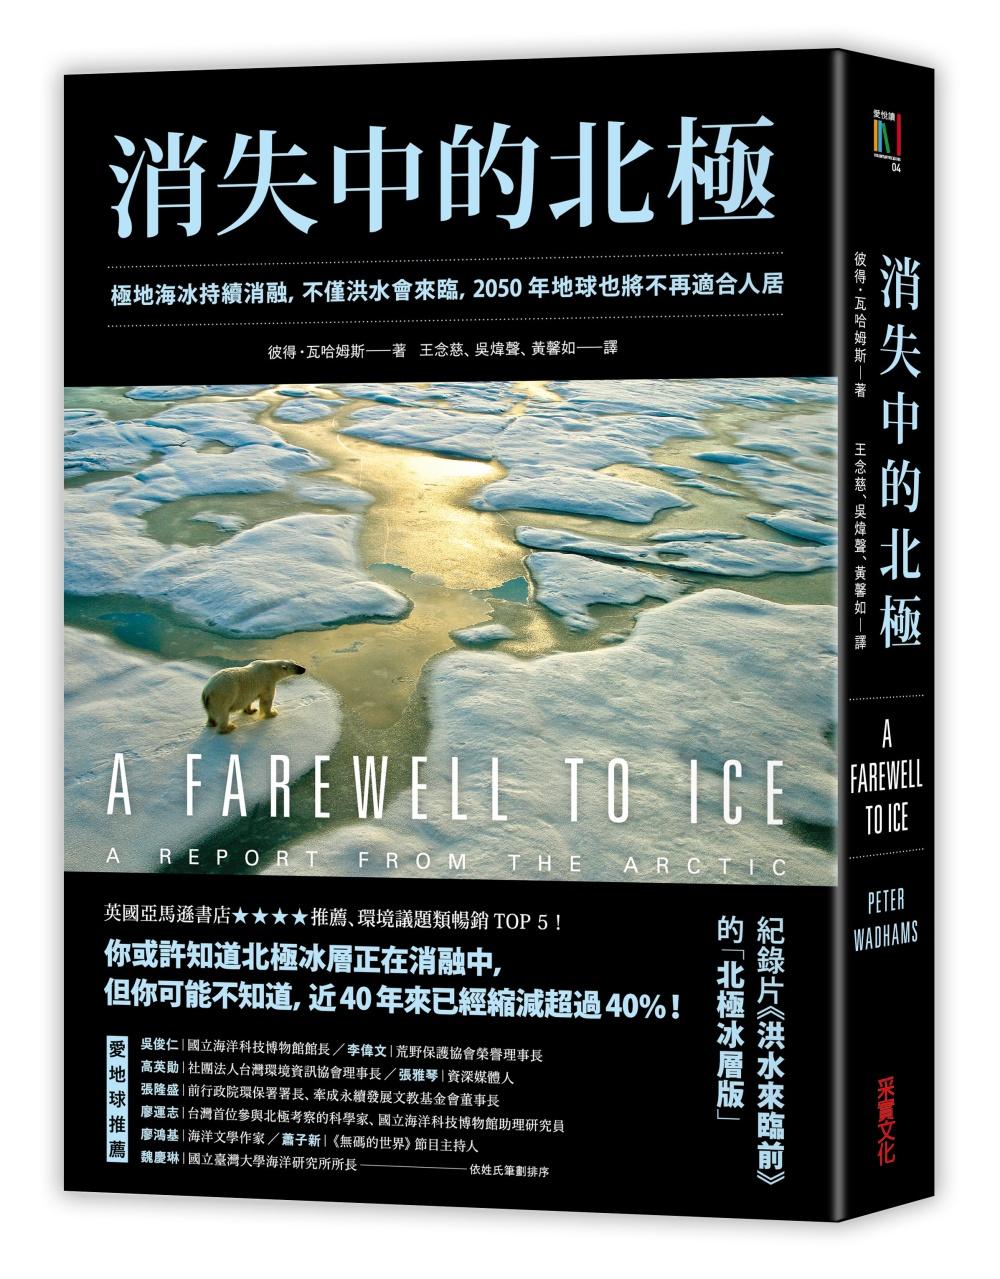 消失中的北極:極地海冰持續消融,不僅洪水會來臨,2050年地球也將不再適合人居